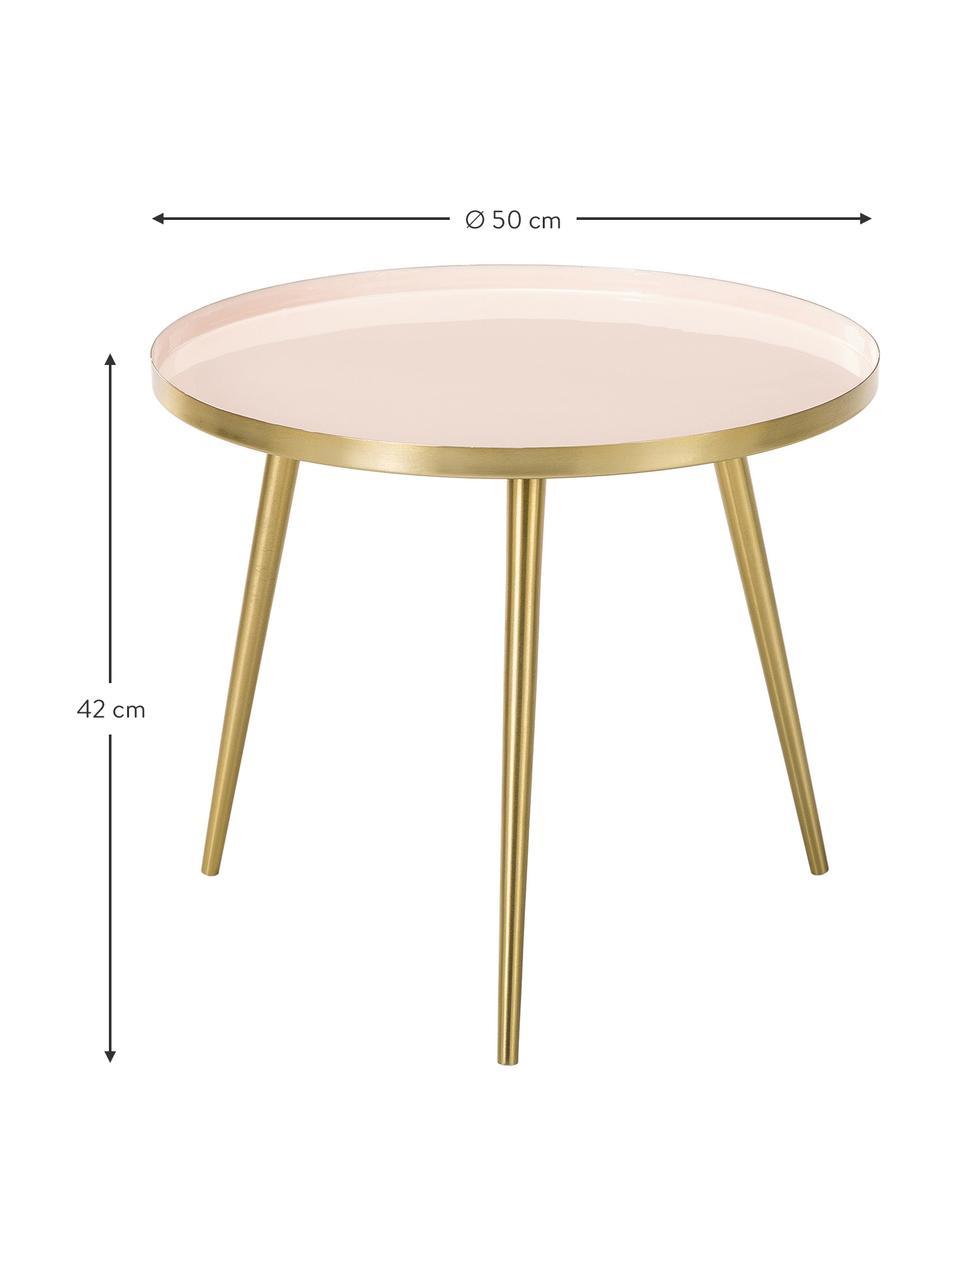 Table d'appoint ronde métal Amalia, Plateau: rose pastelPieds de table: couleur dorée